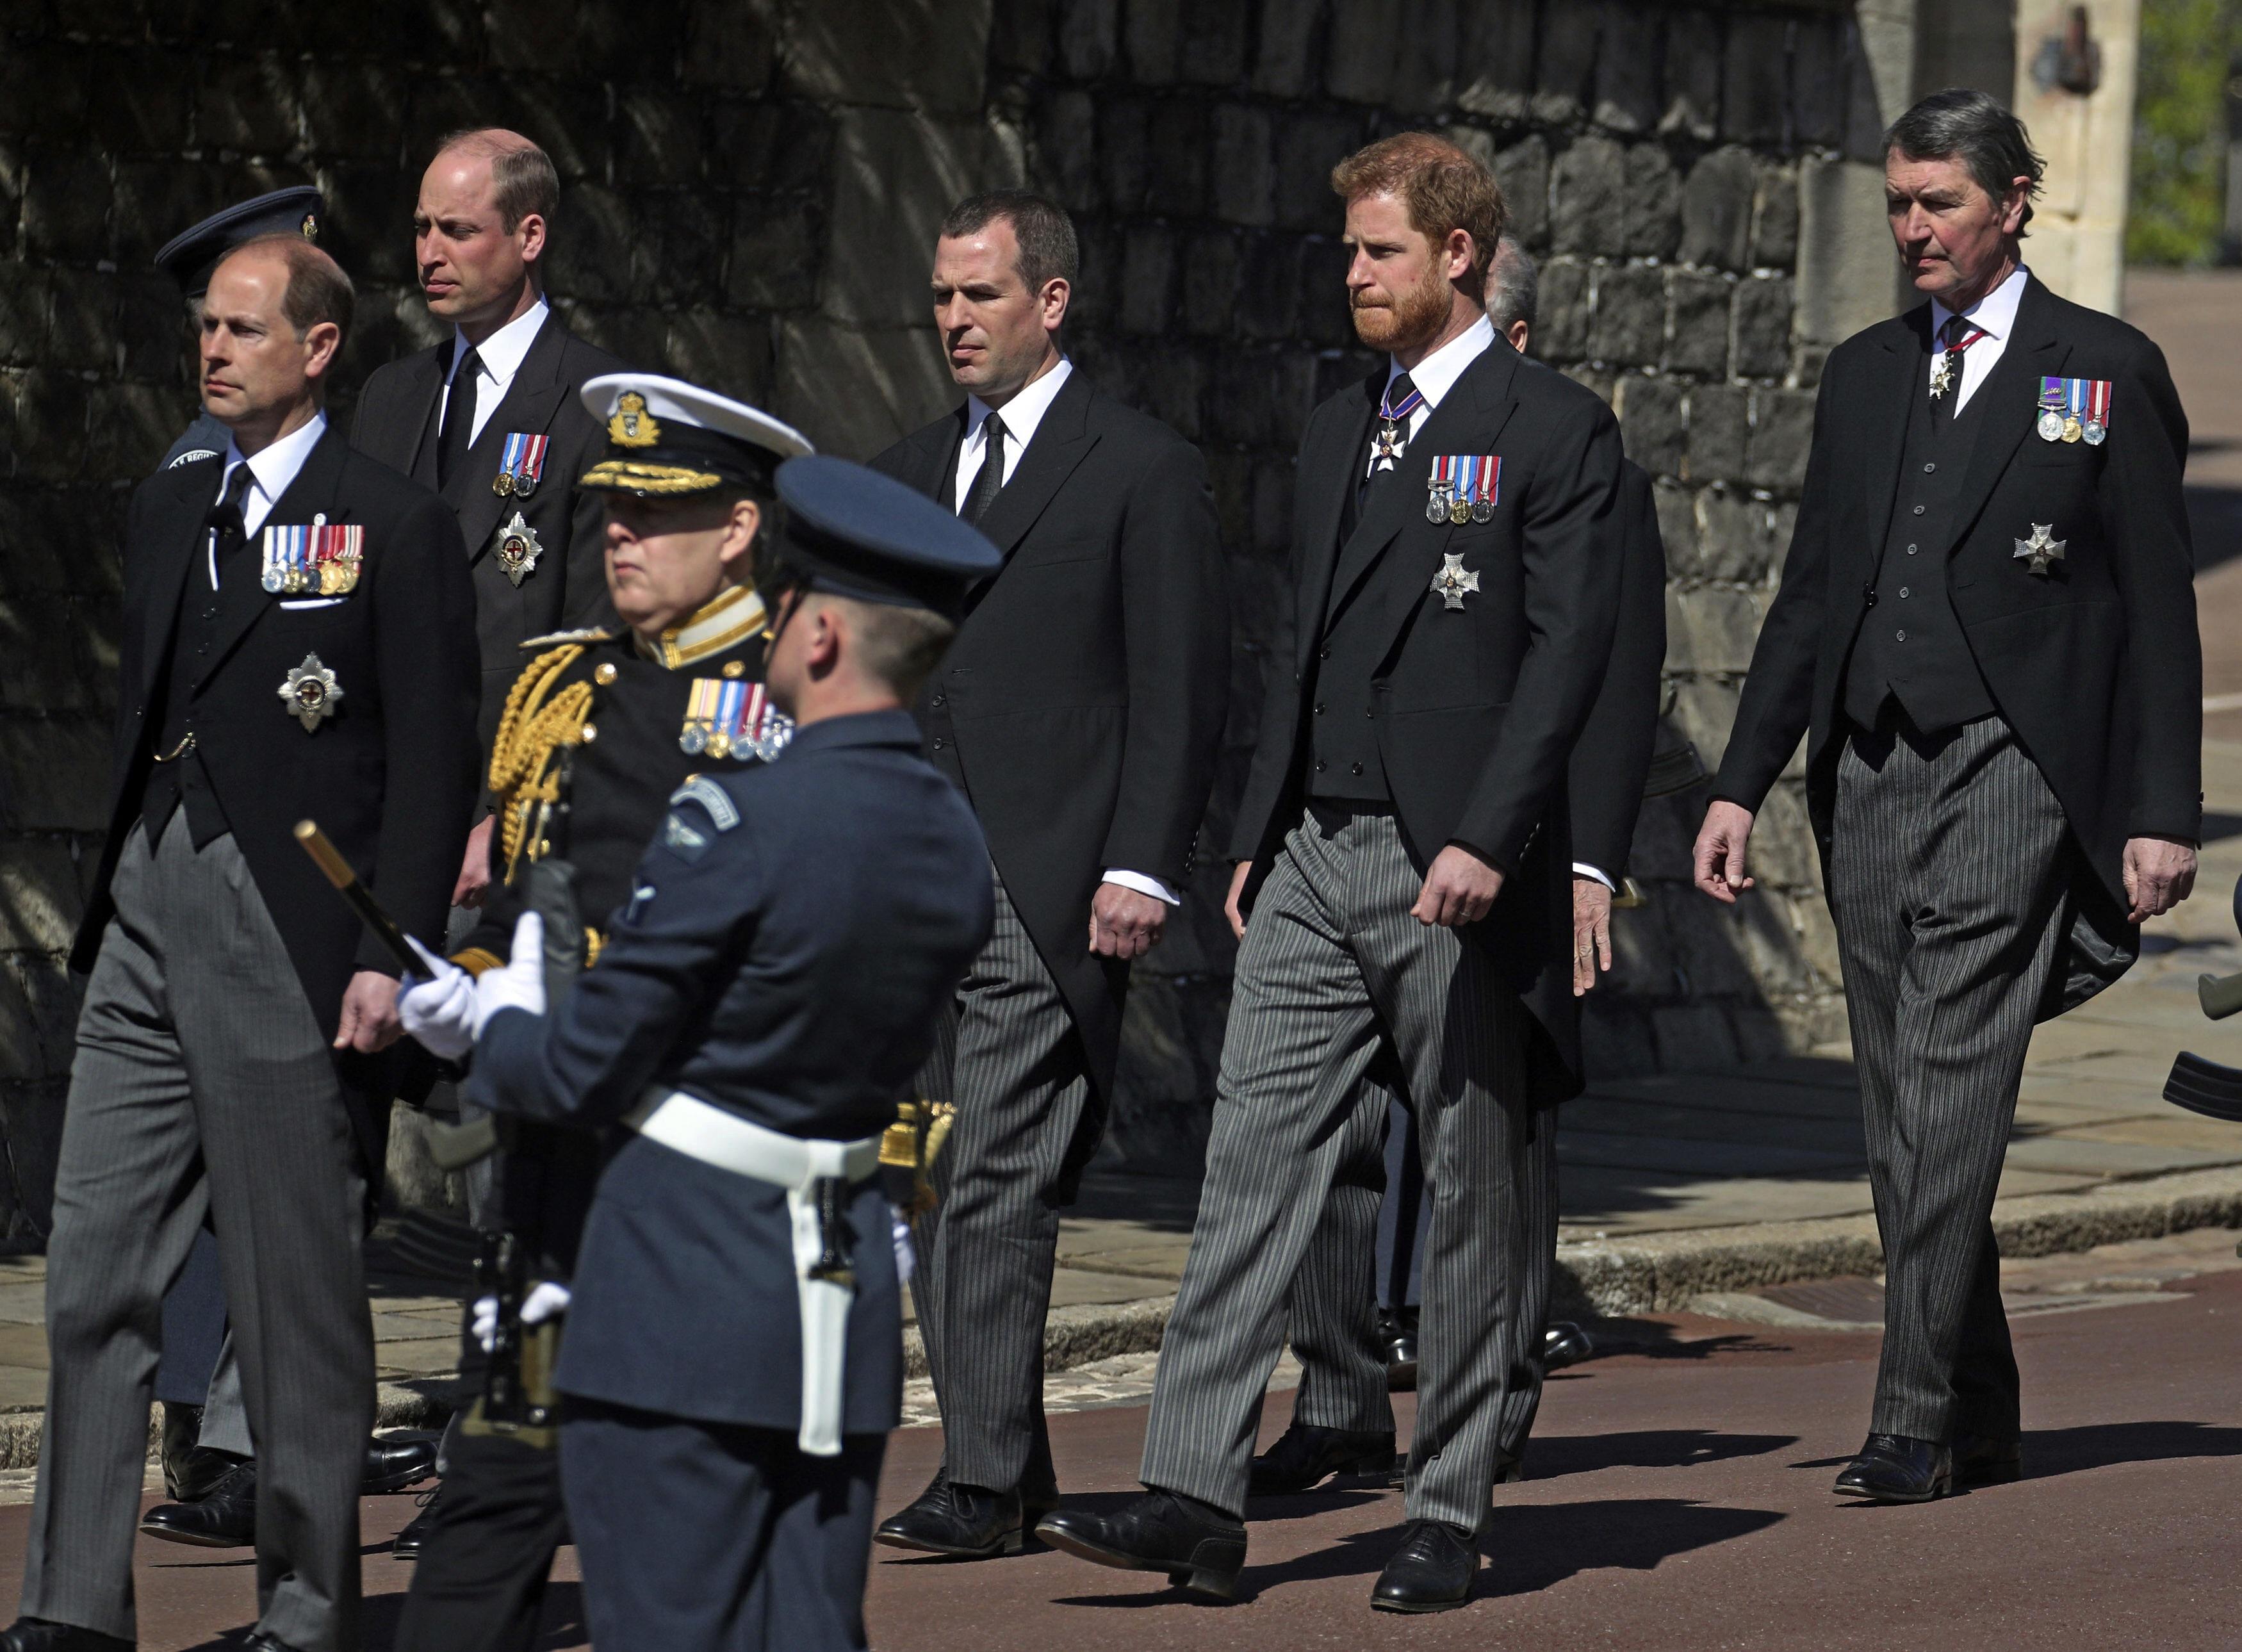 Peter Phillips, hijo mayor de la princesa Anne, desfiló en medio de los príncipes William y Harry. (AP)